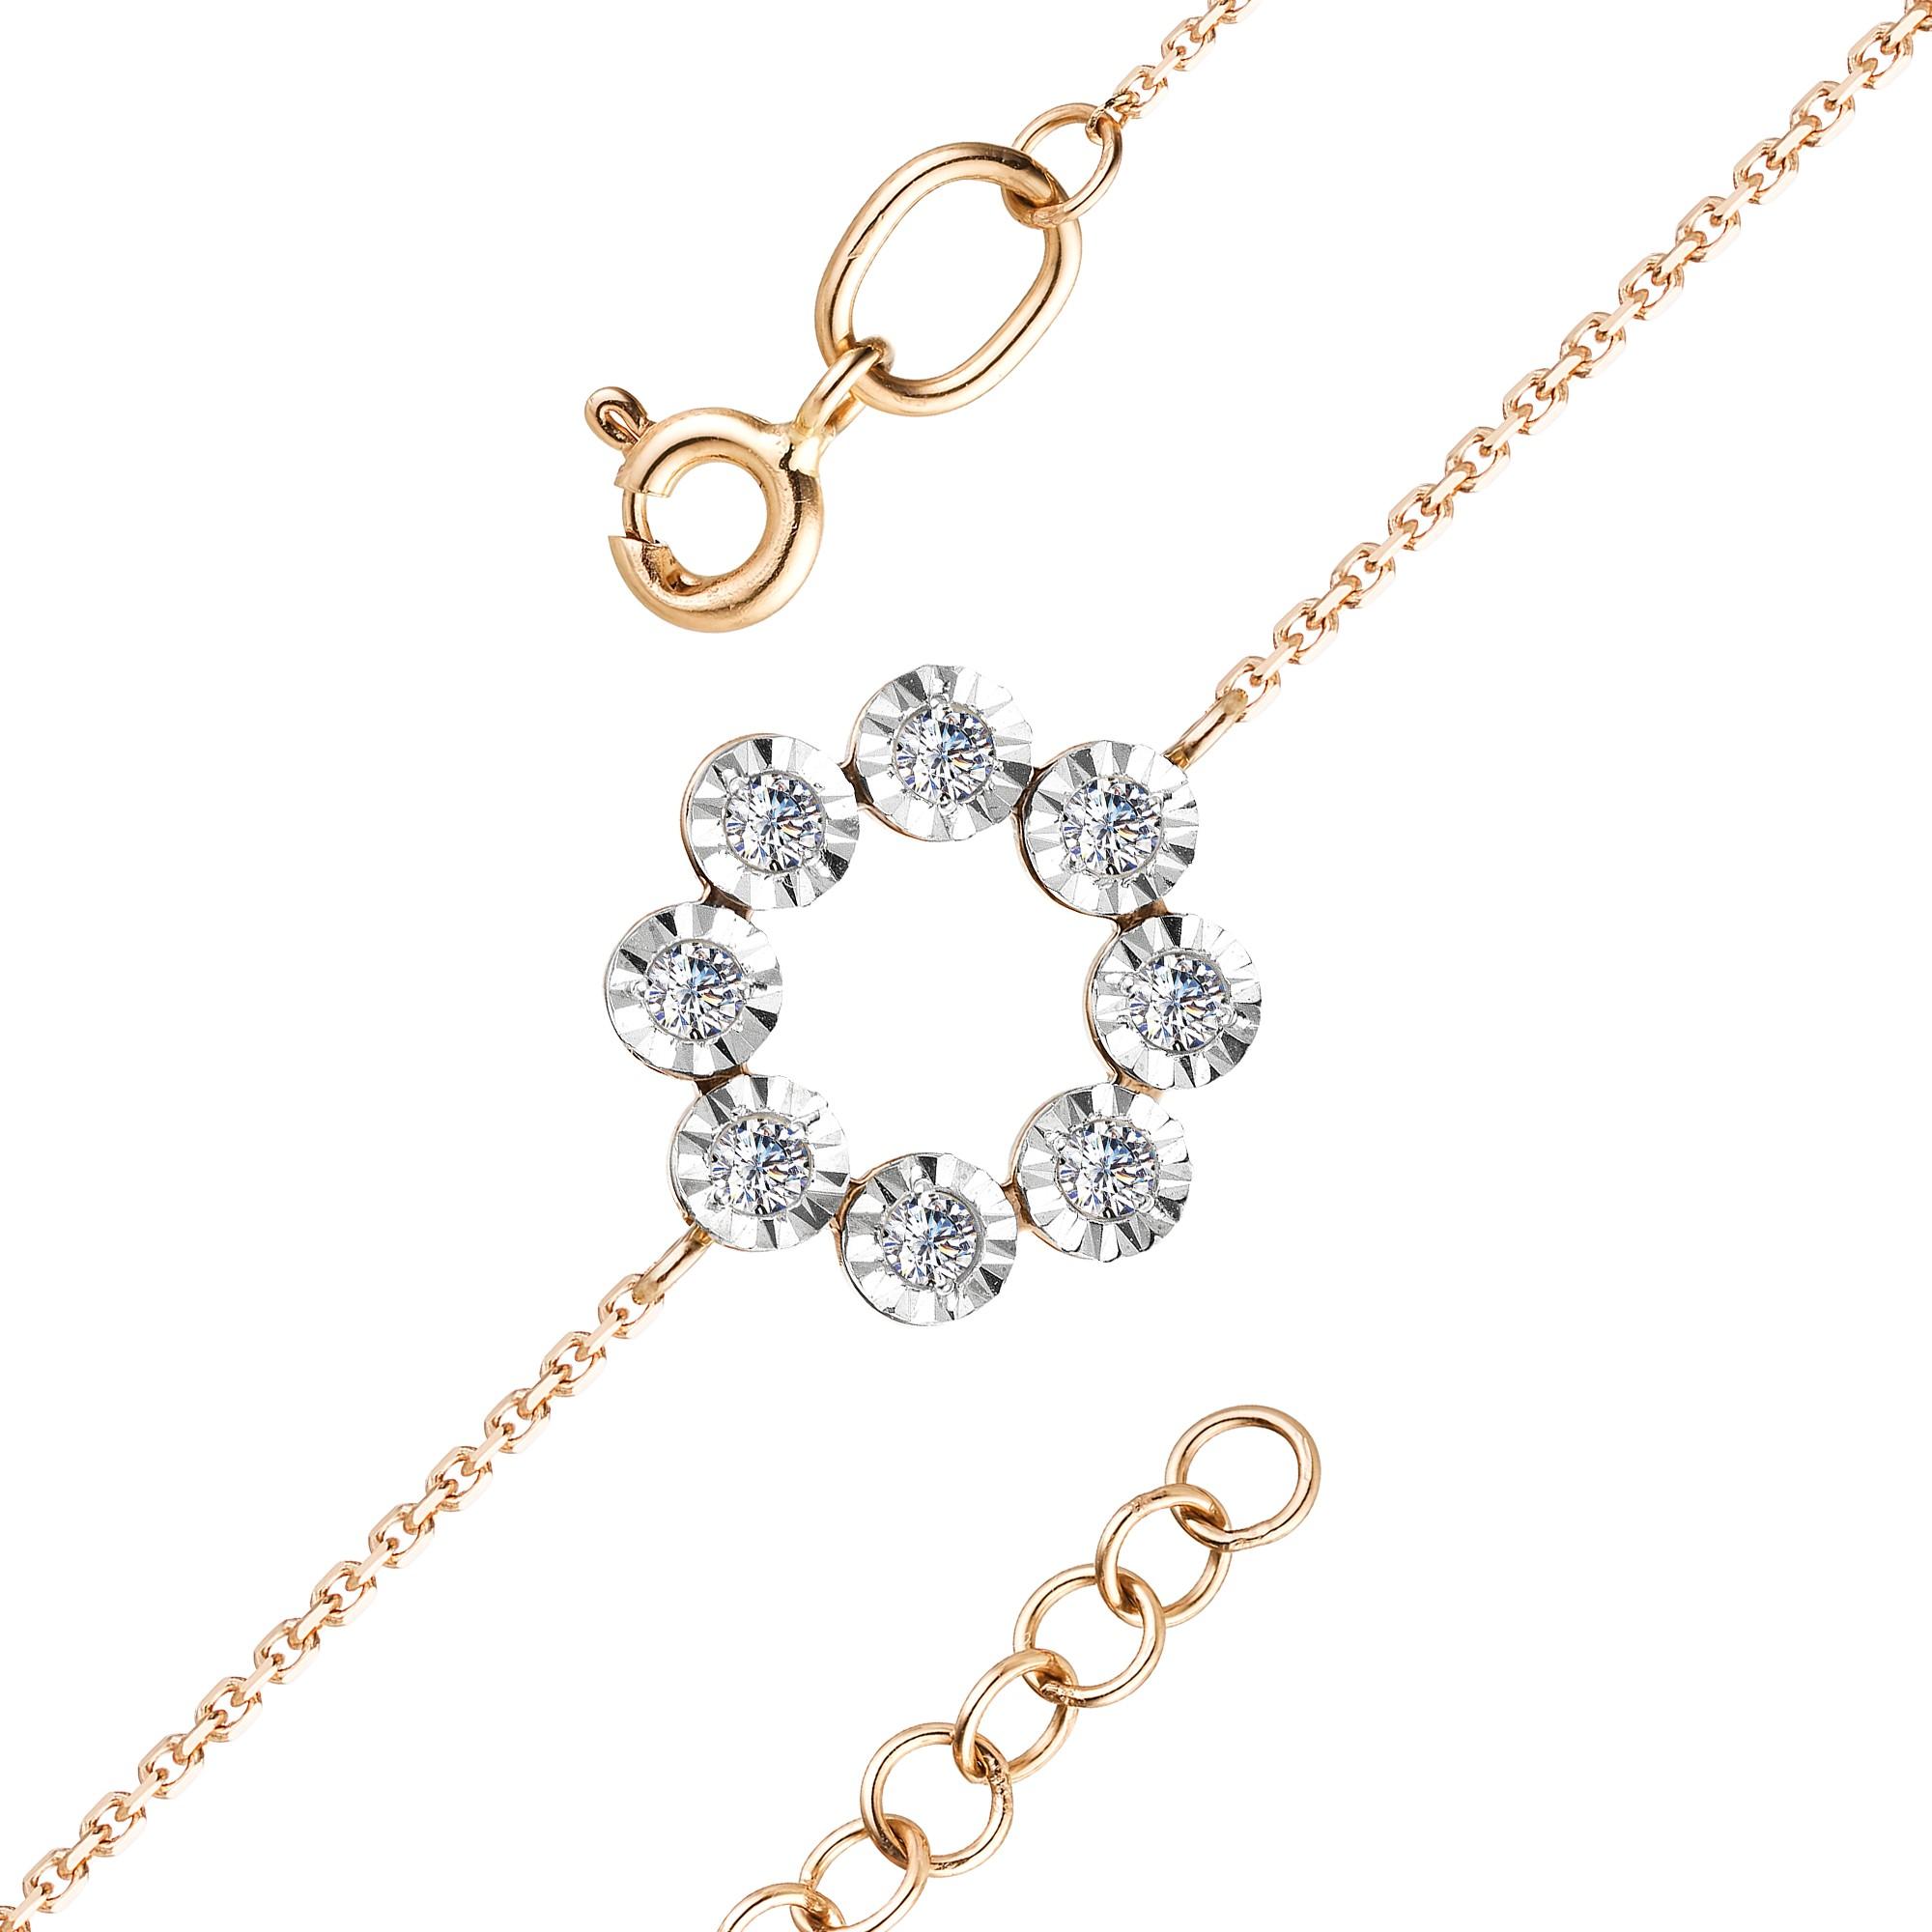 Браслет женский АЛЬКОР 53232-100 из золота, бриллиант, регулируемый